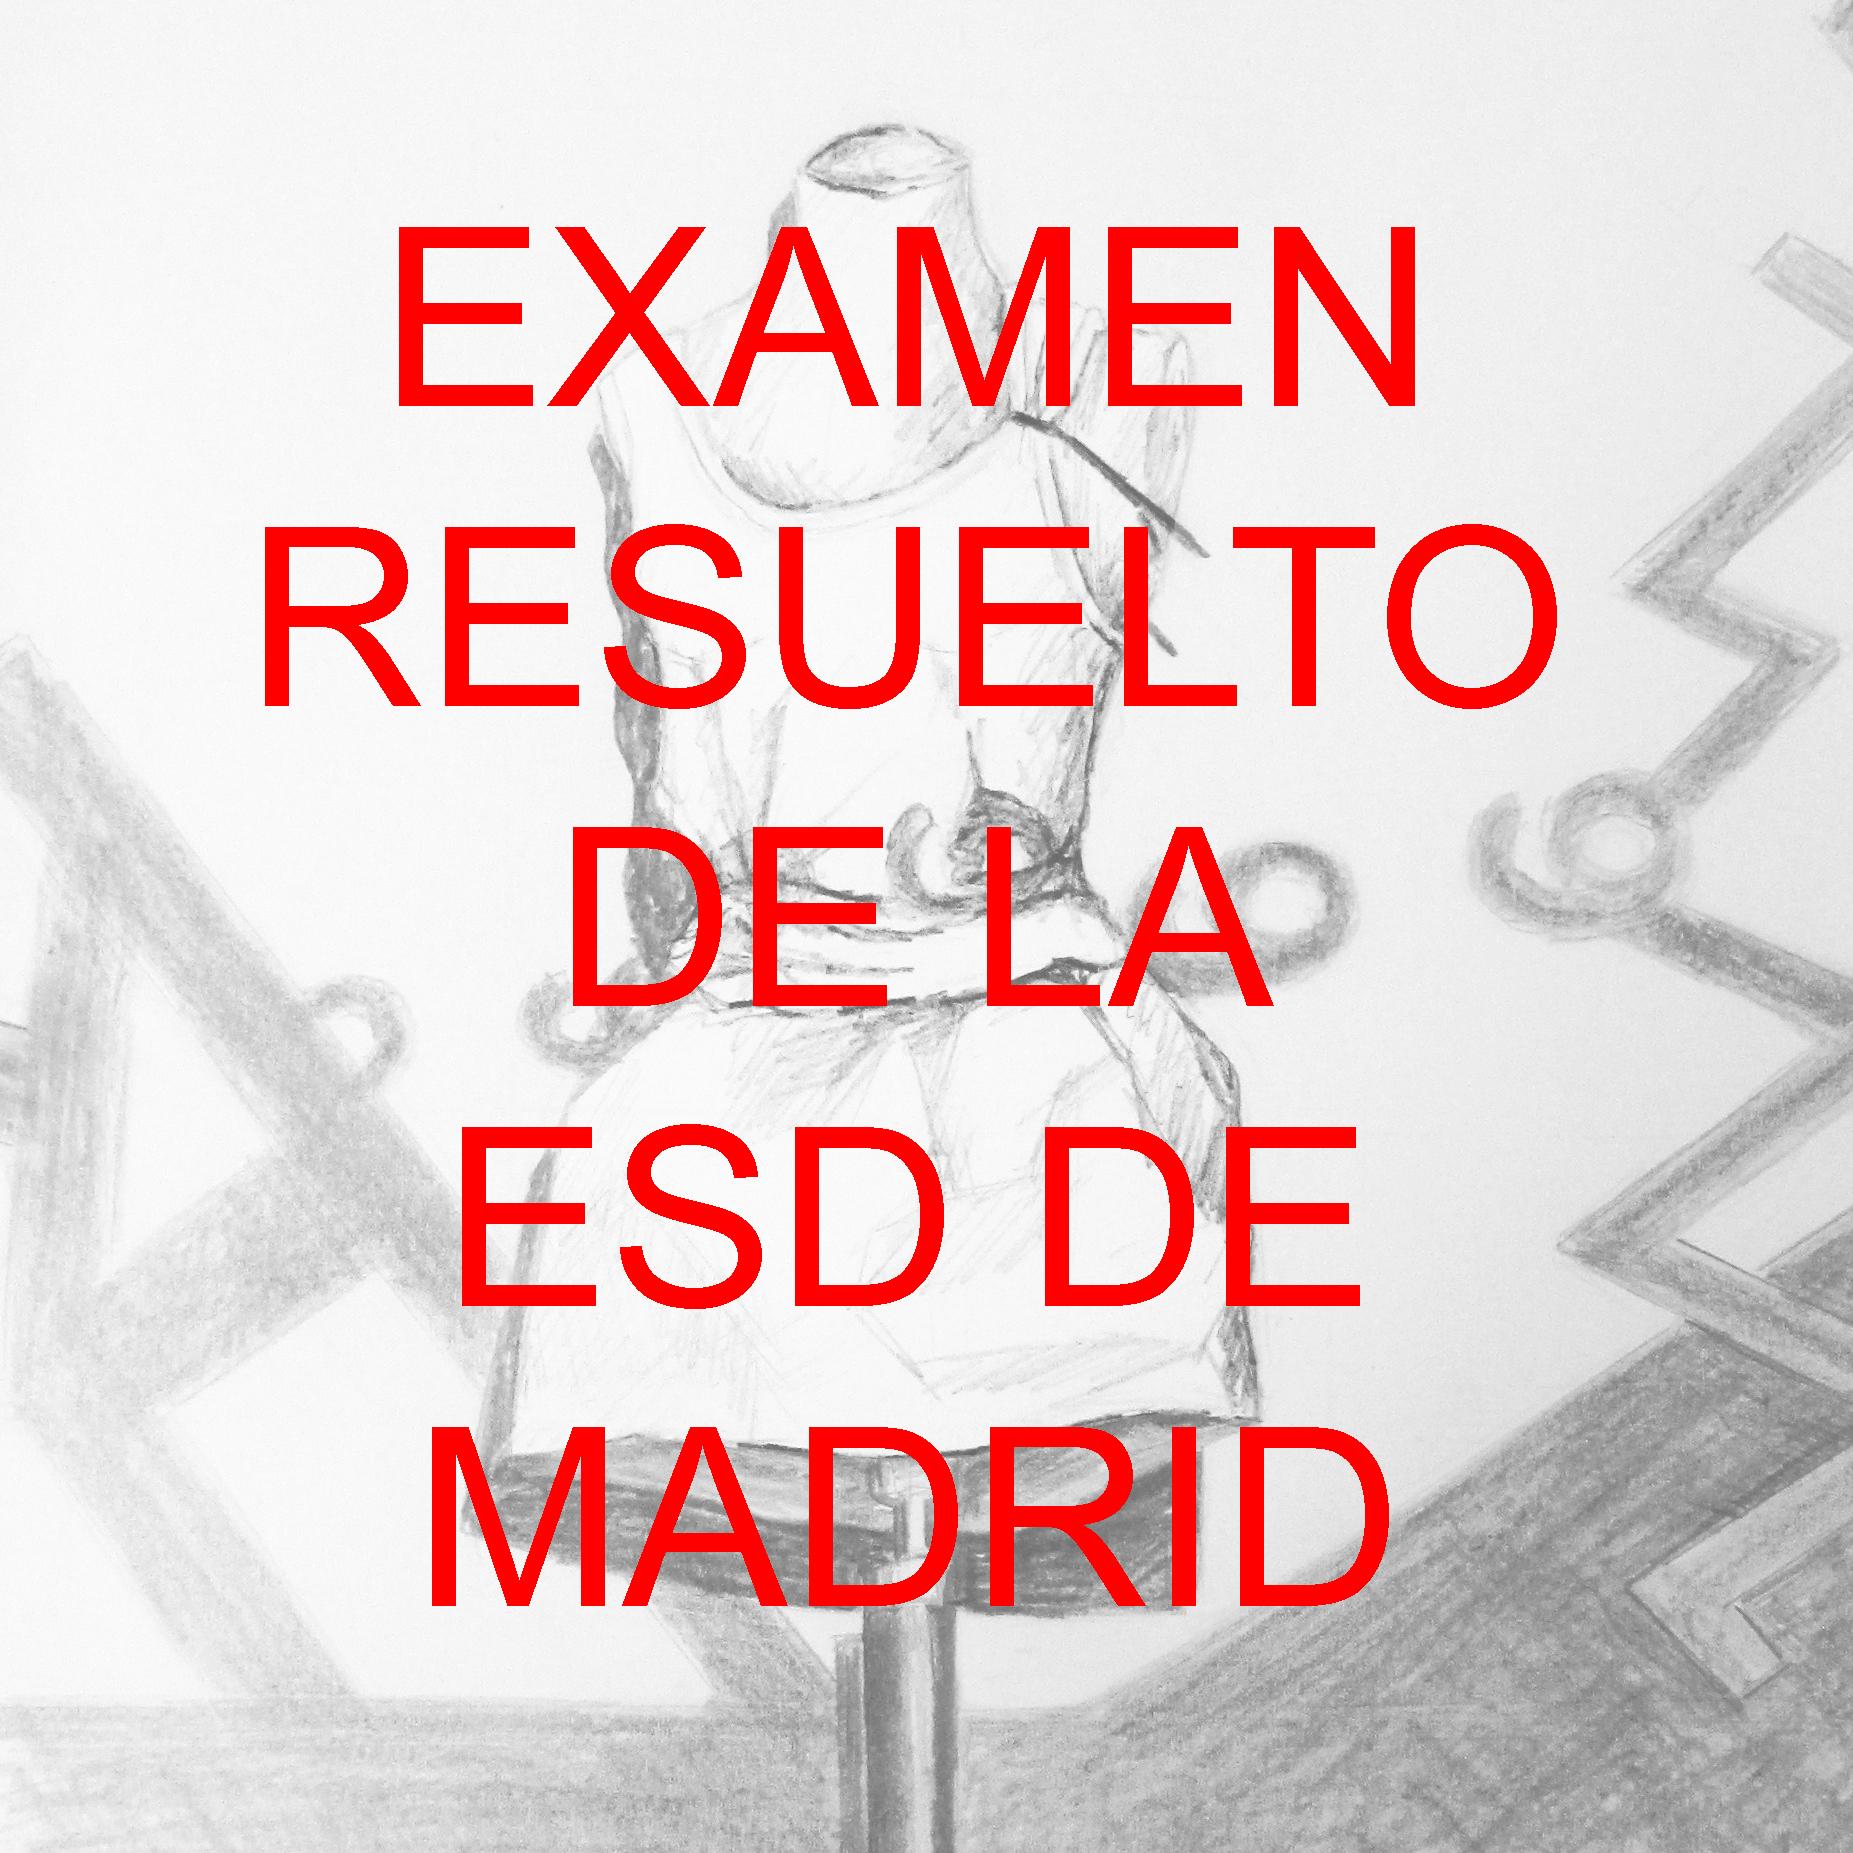 Arte-Casellas.-Examen-resuelto-de-la-ESD-de-Madrid.-Clases-de-preparación